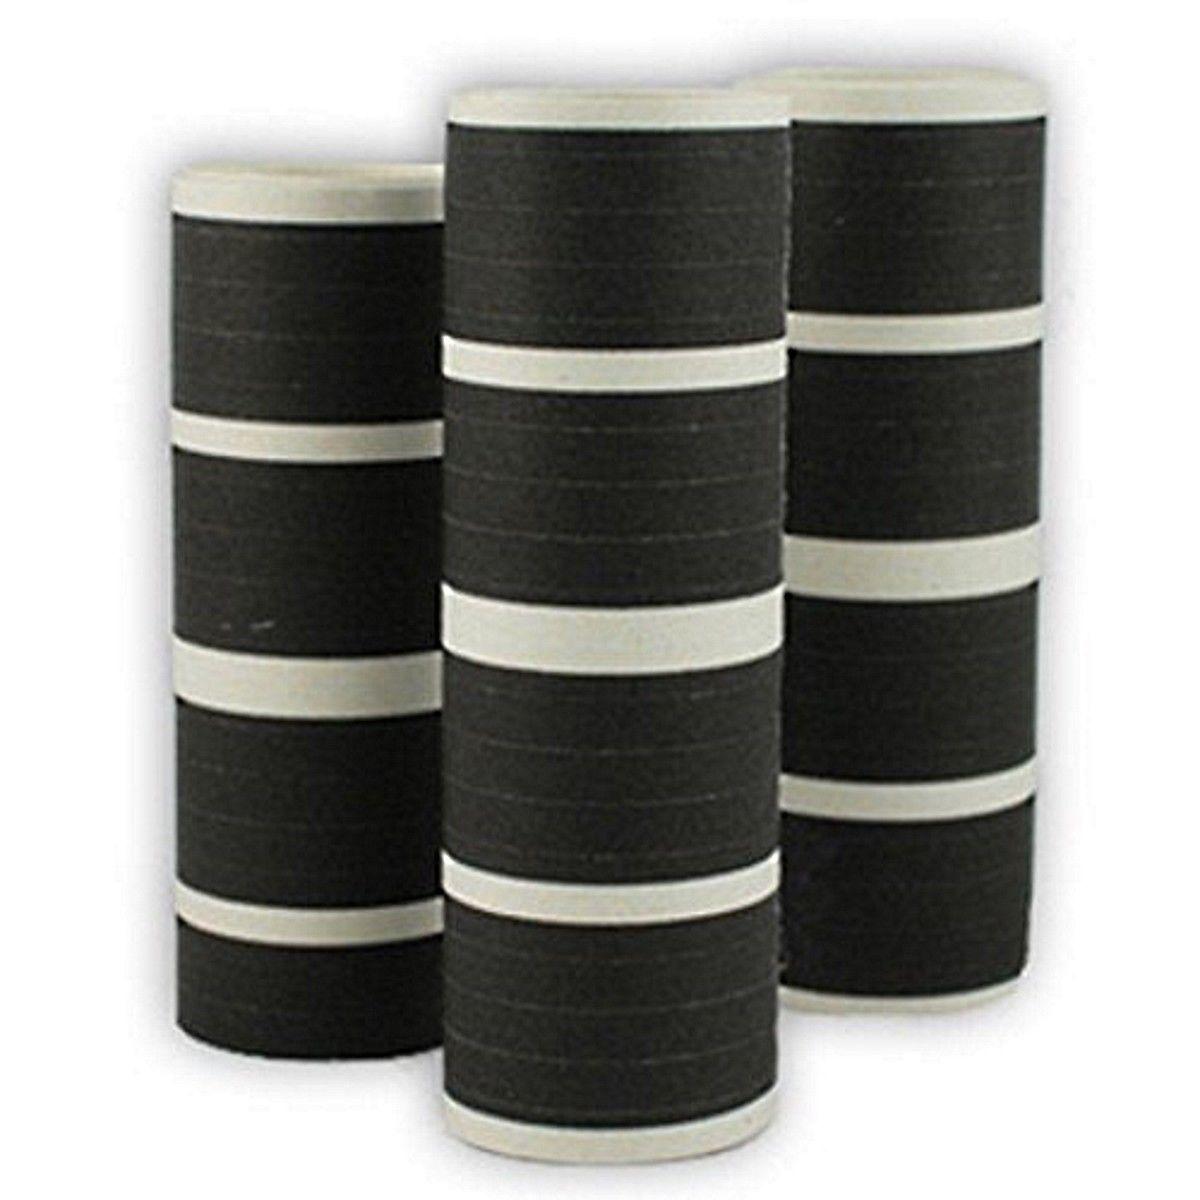 50 Rolls of Black  Serpentine Throws